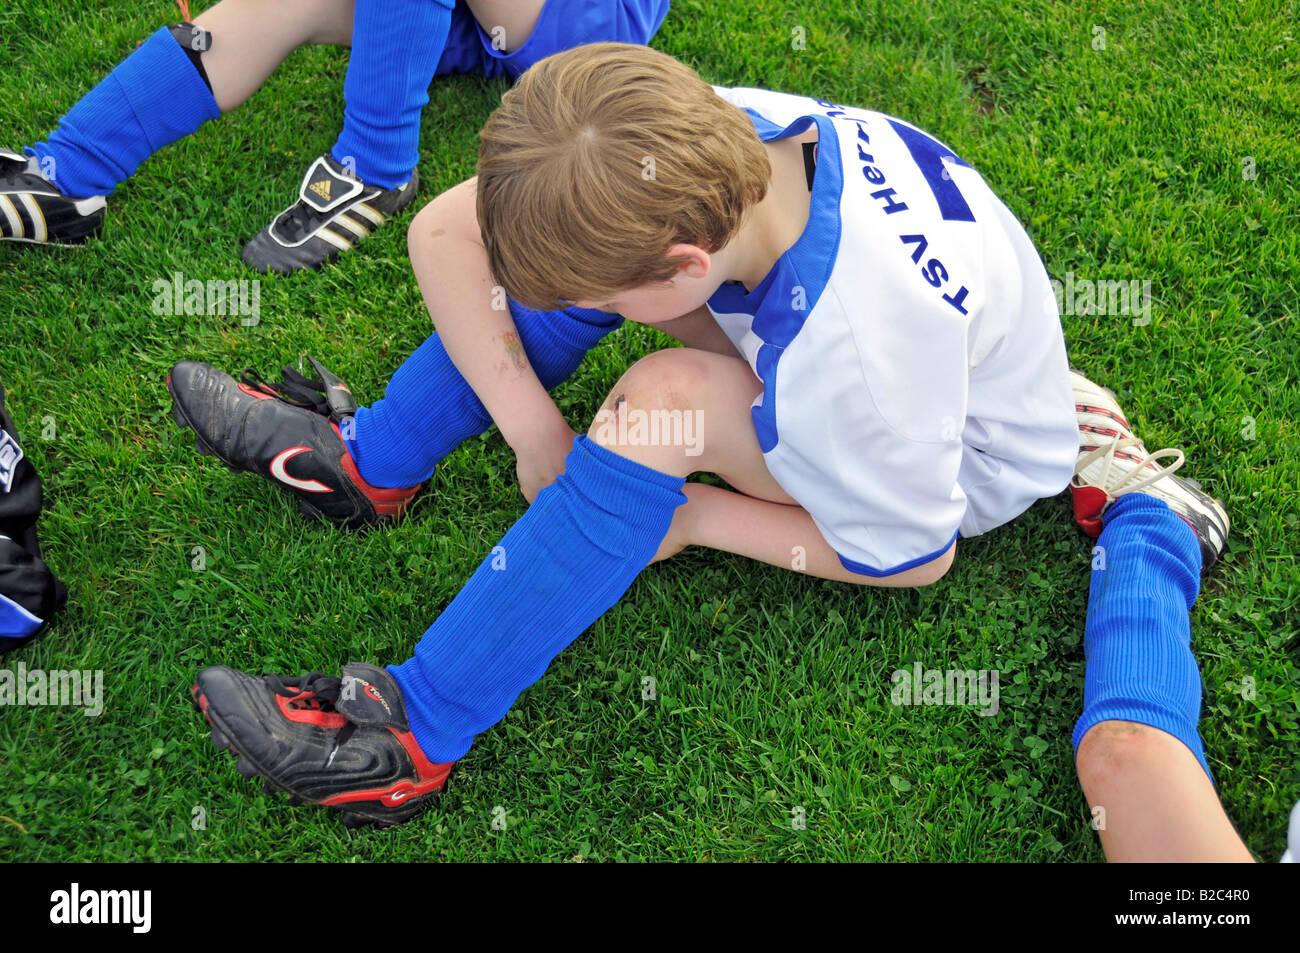 Enttäuscht 8 Jahre altes Kind nach dem Verlust ein Fußballspiel in ...